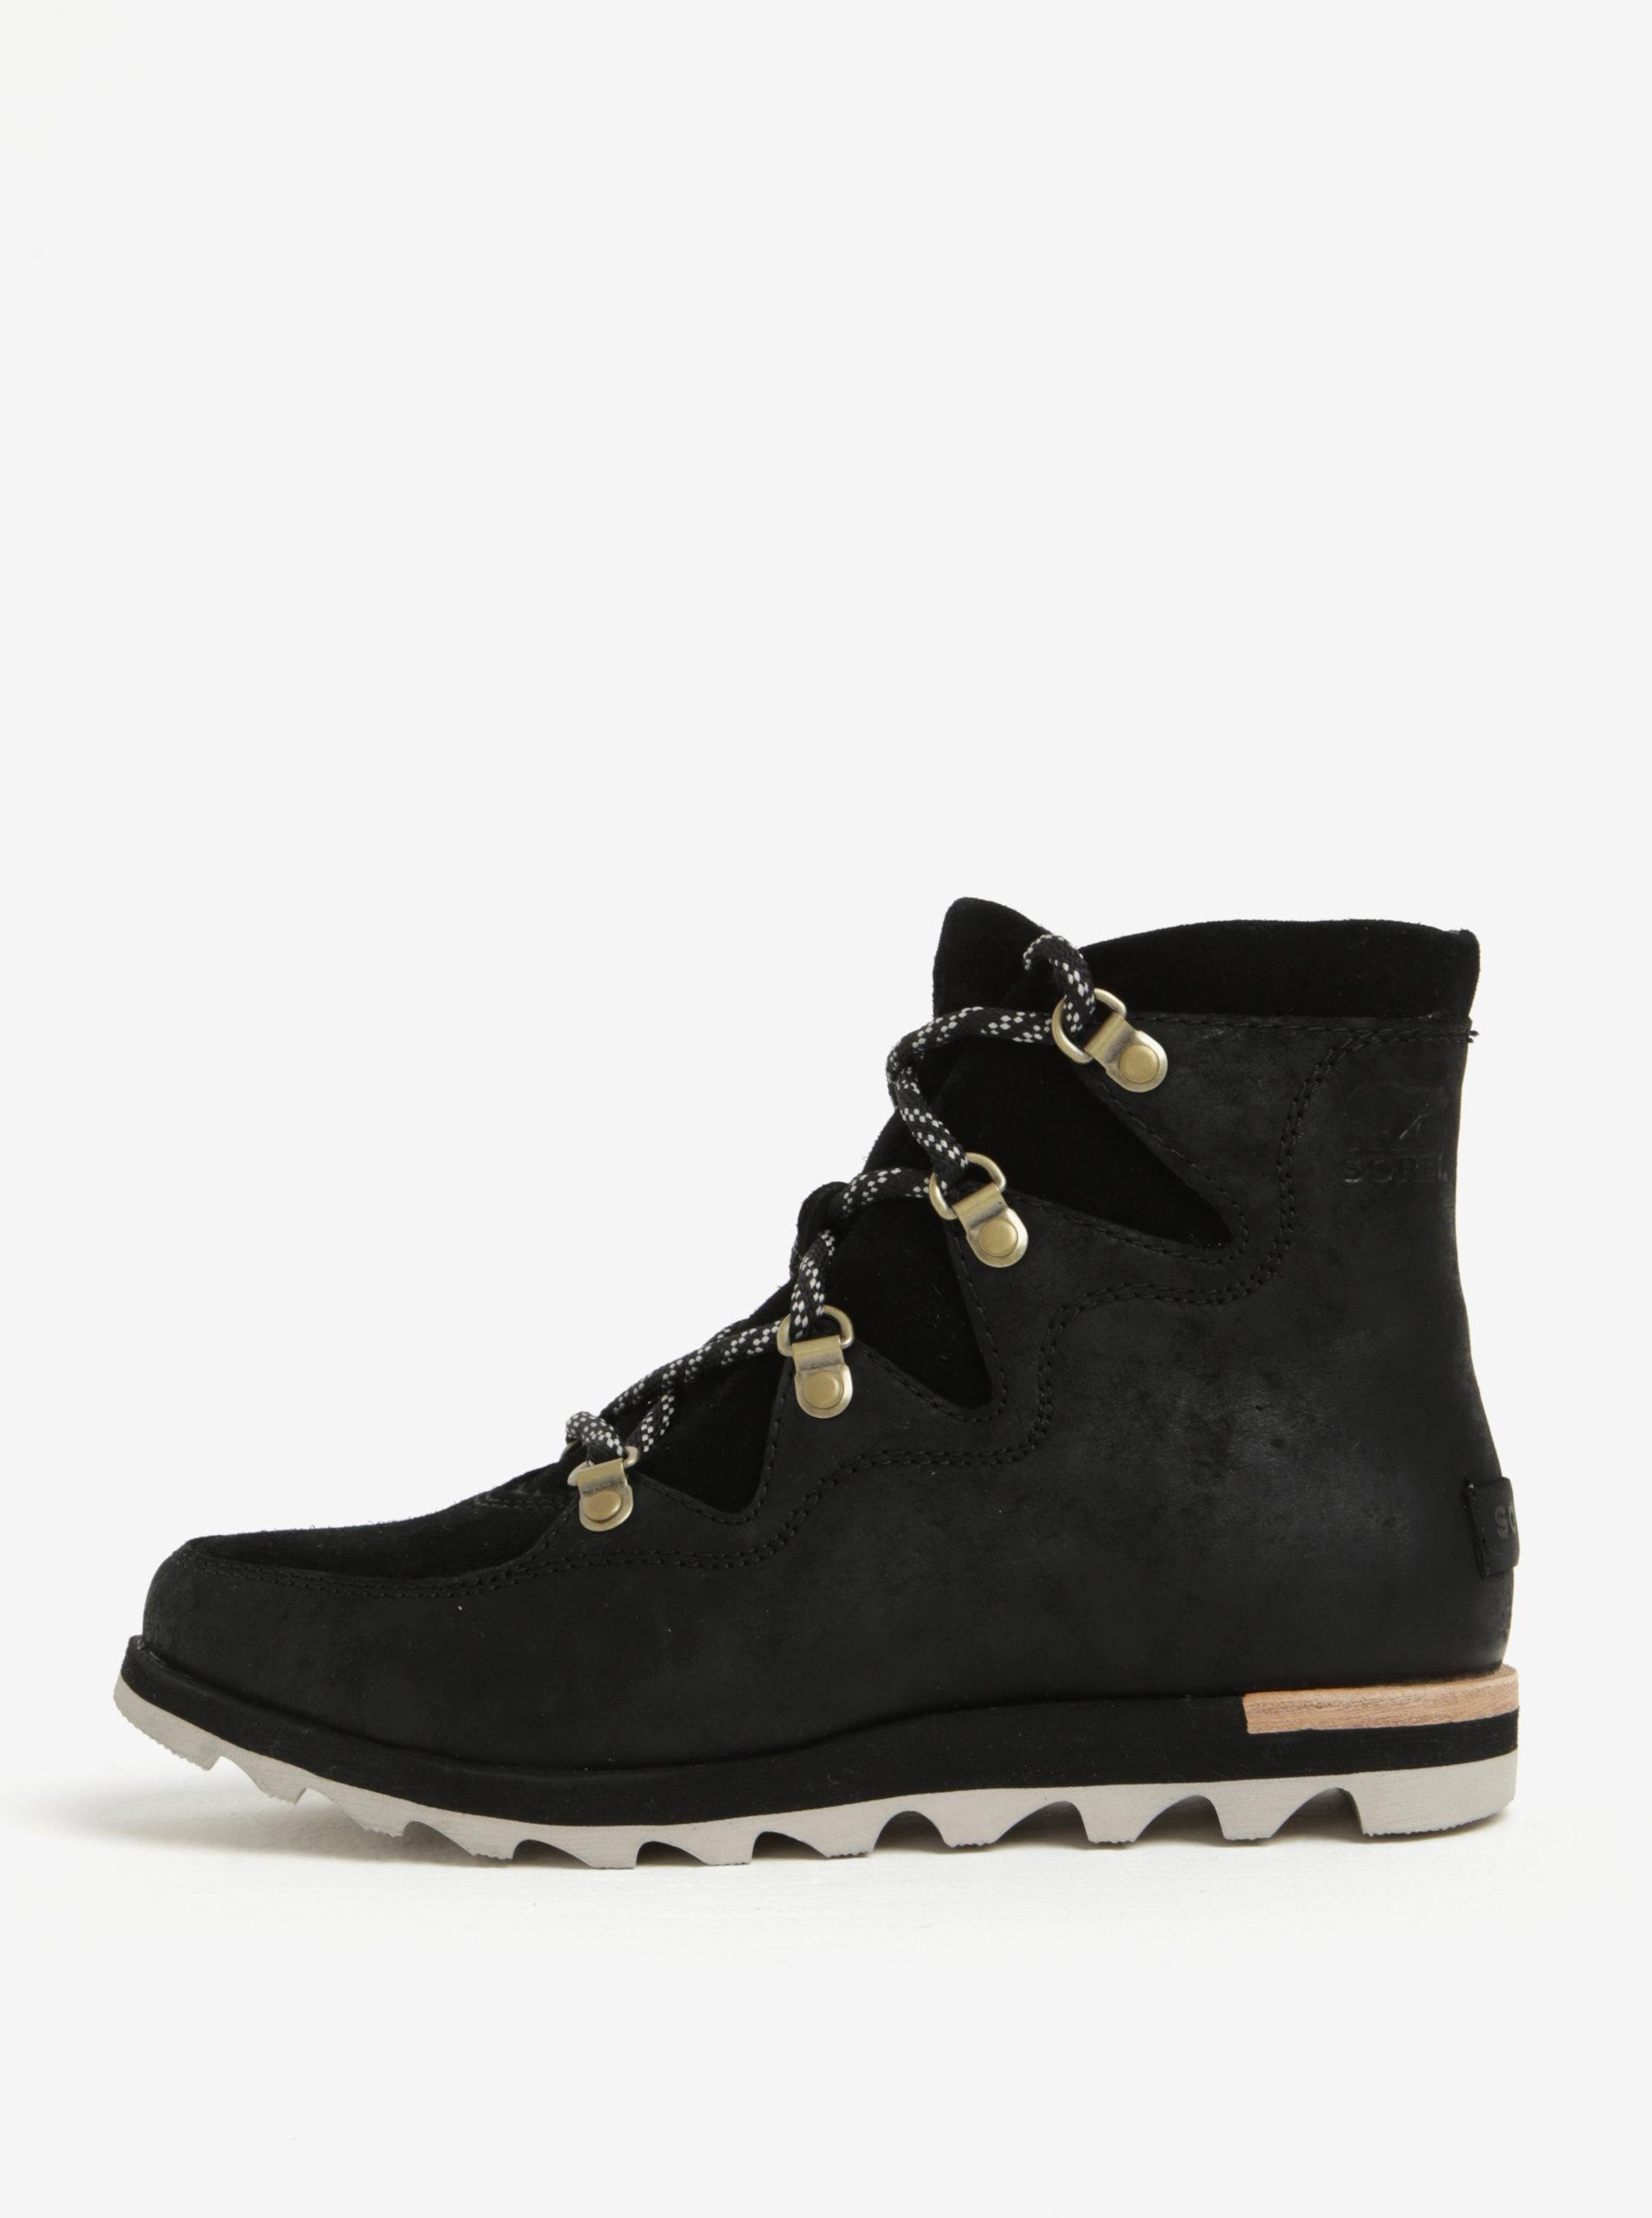 085eb685a7 Čierne dámske členkové kožené vodovzdorné zimné topánky SOREL ...